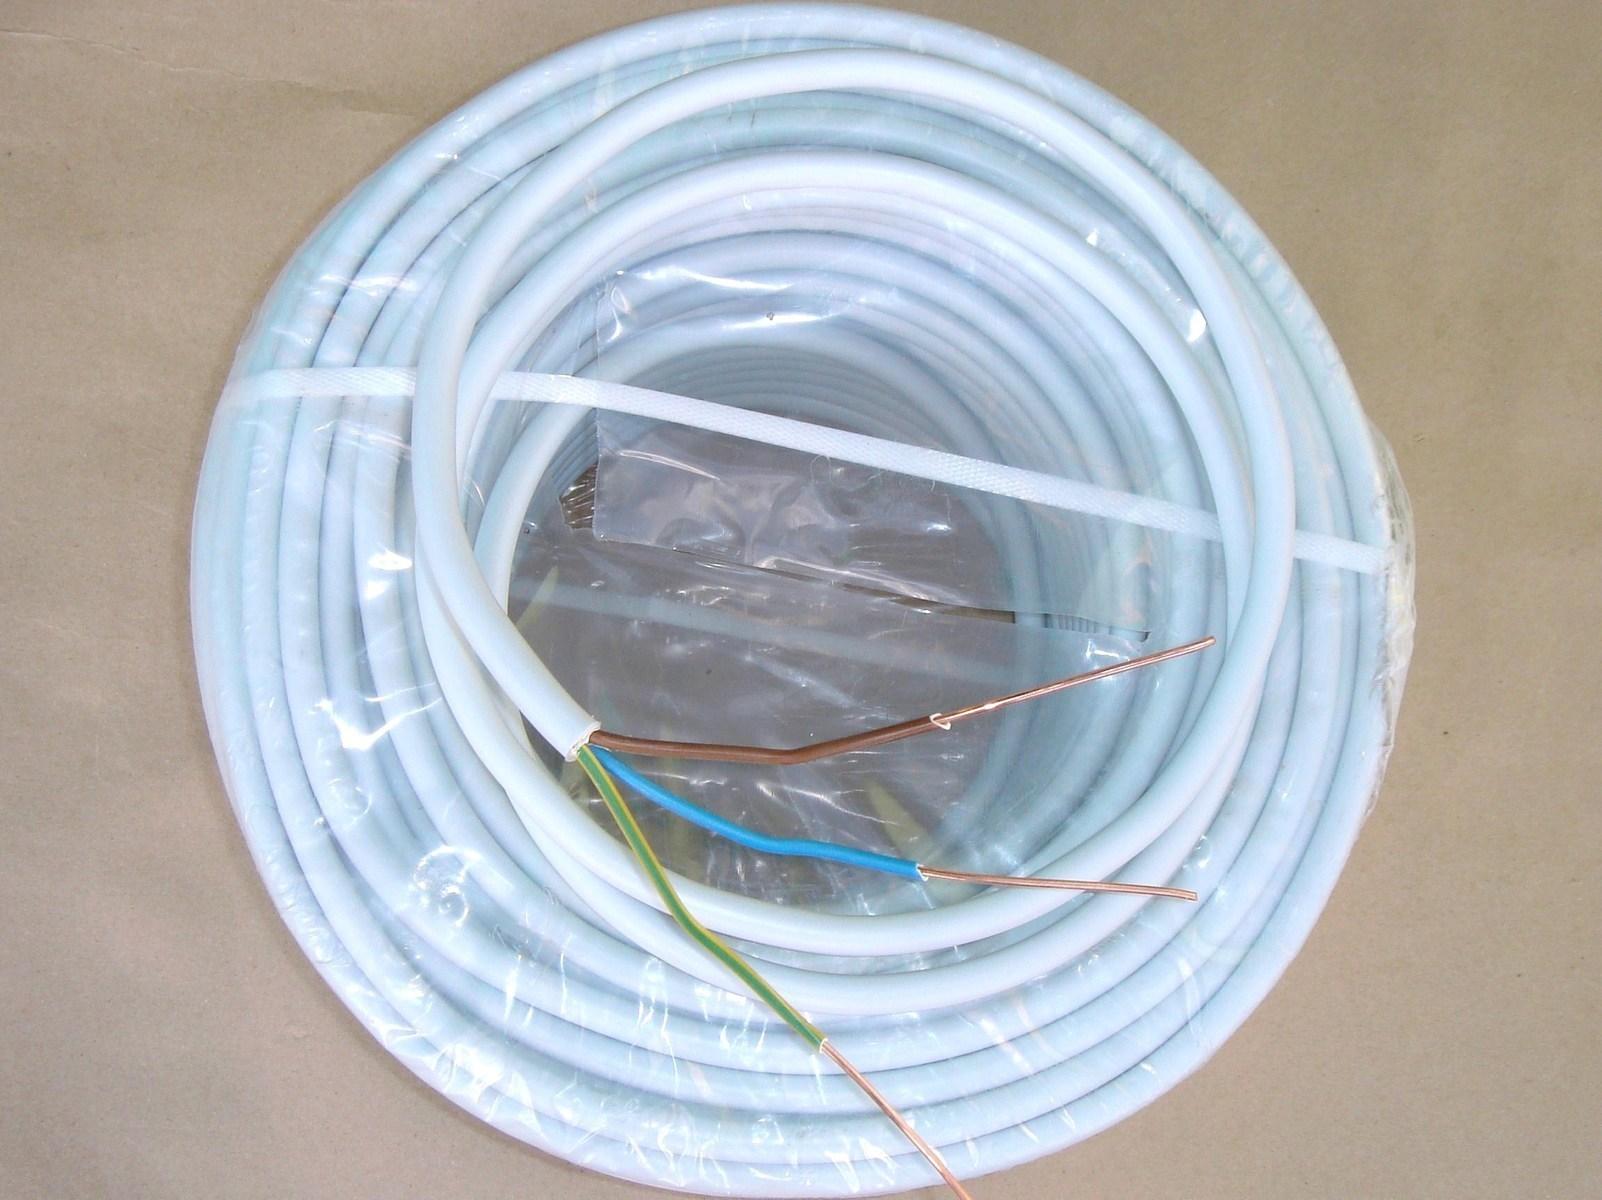 Vaskkaabel 3 G 4 mm², XYM-J, Draka, Keila Cables